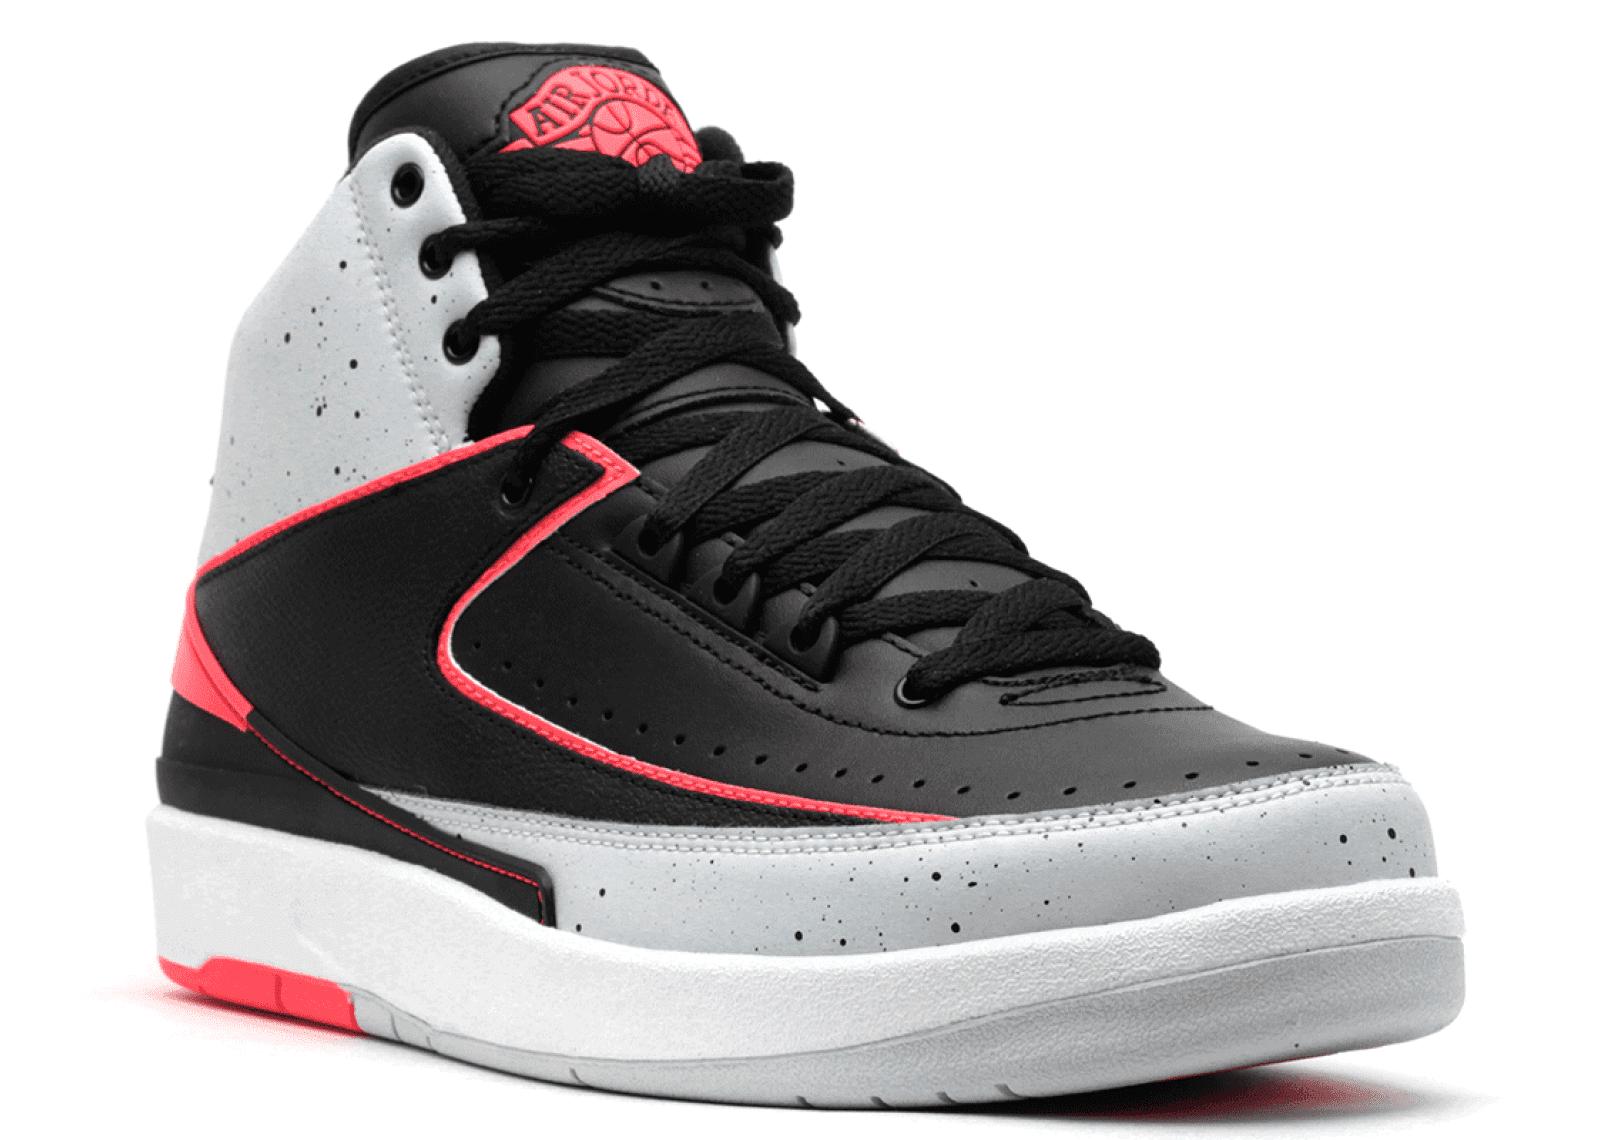 Air Jordan 2 Retro 'Infrared 23